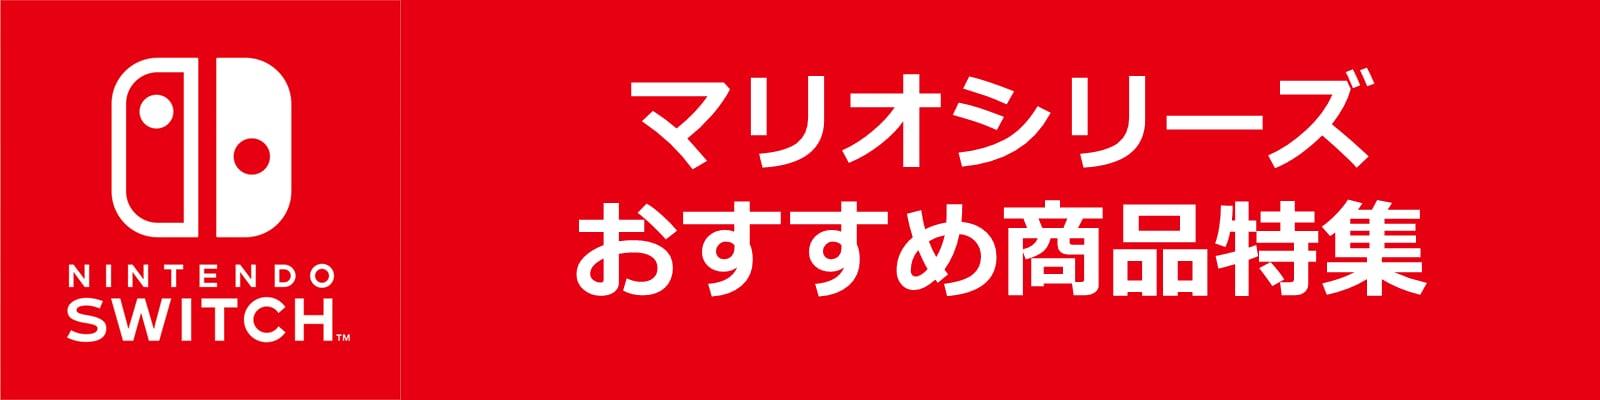 マリオシリーズ おすすめ商品特集